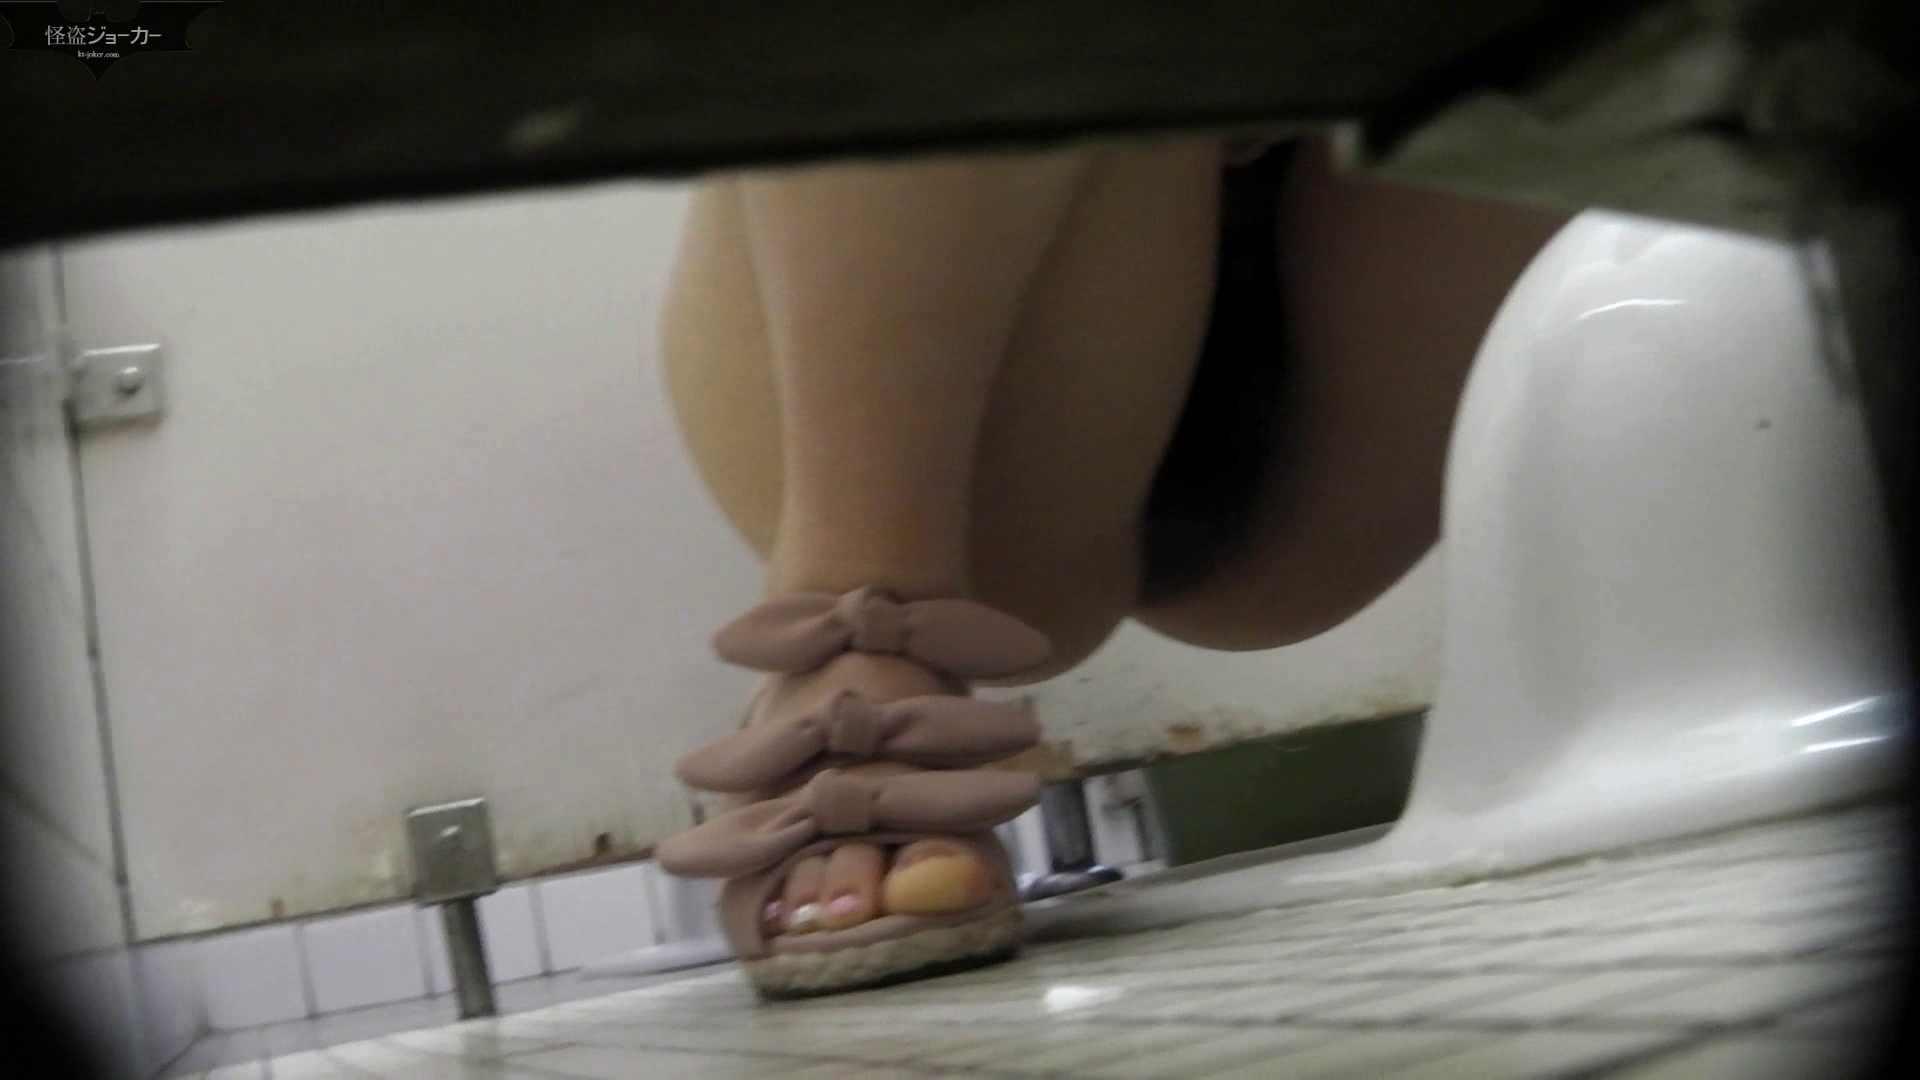 【美しき個室な世界】洗面所特攻隊 vol.051 ギャル達 おまんこ動画流出 100枚 79